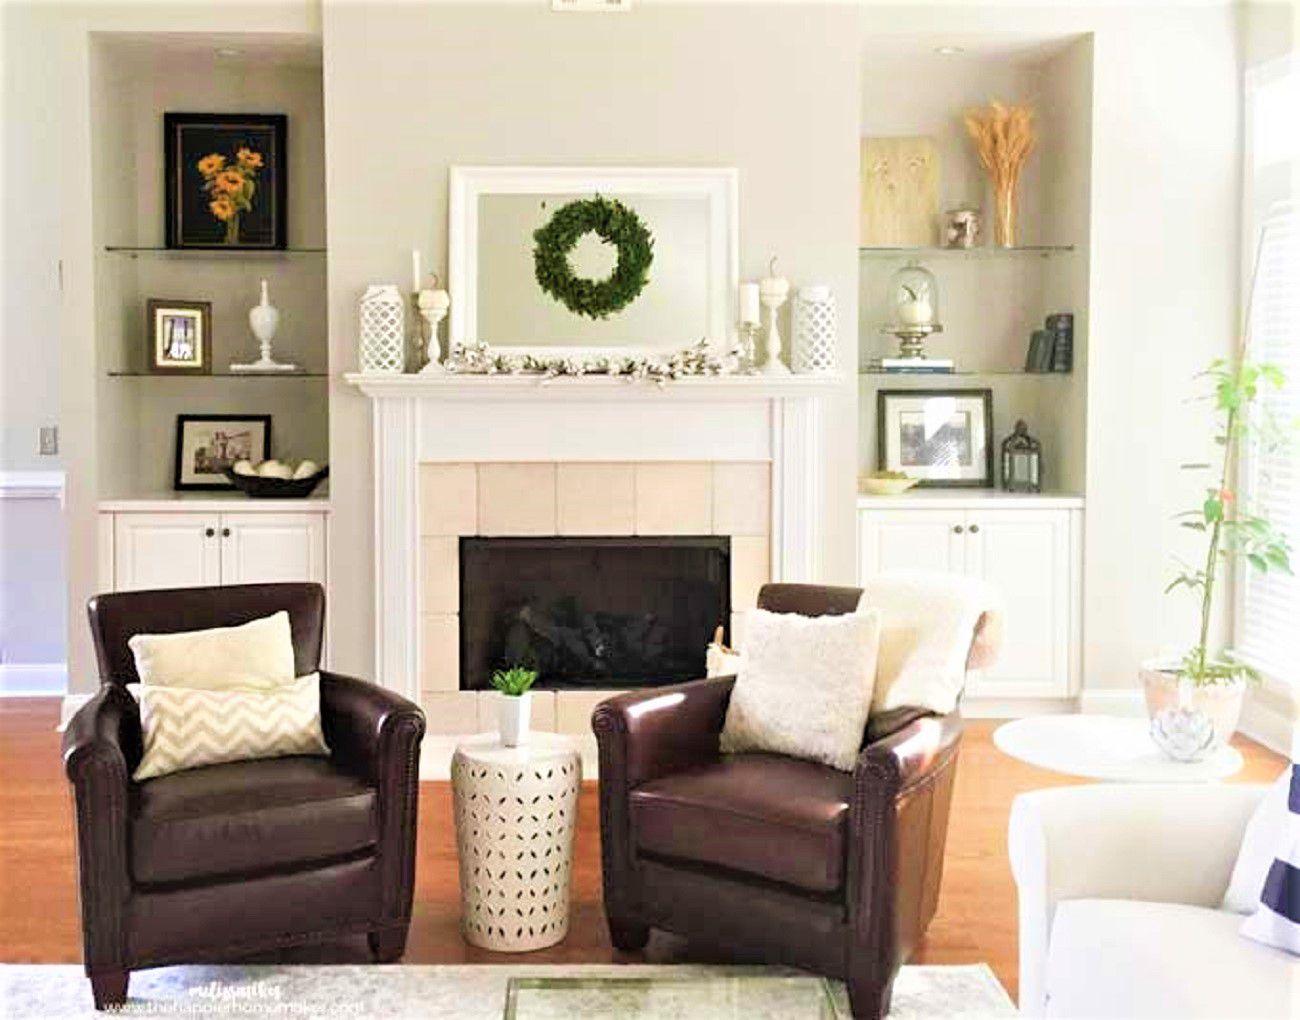 pintada de blanco con sillas de cuero y chimenea .